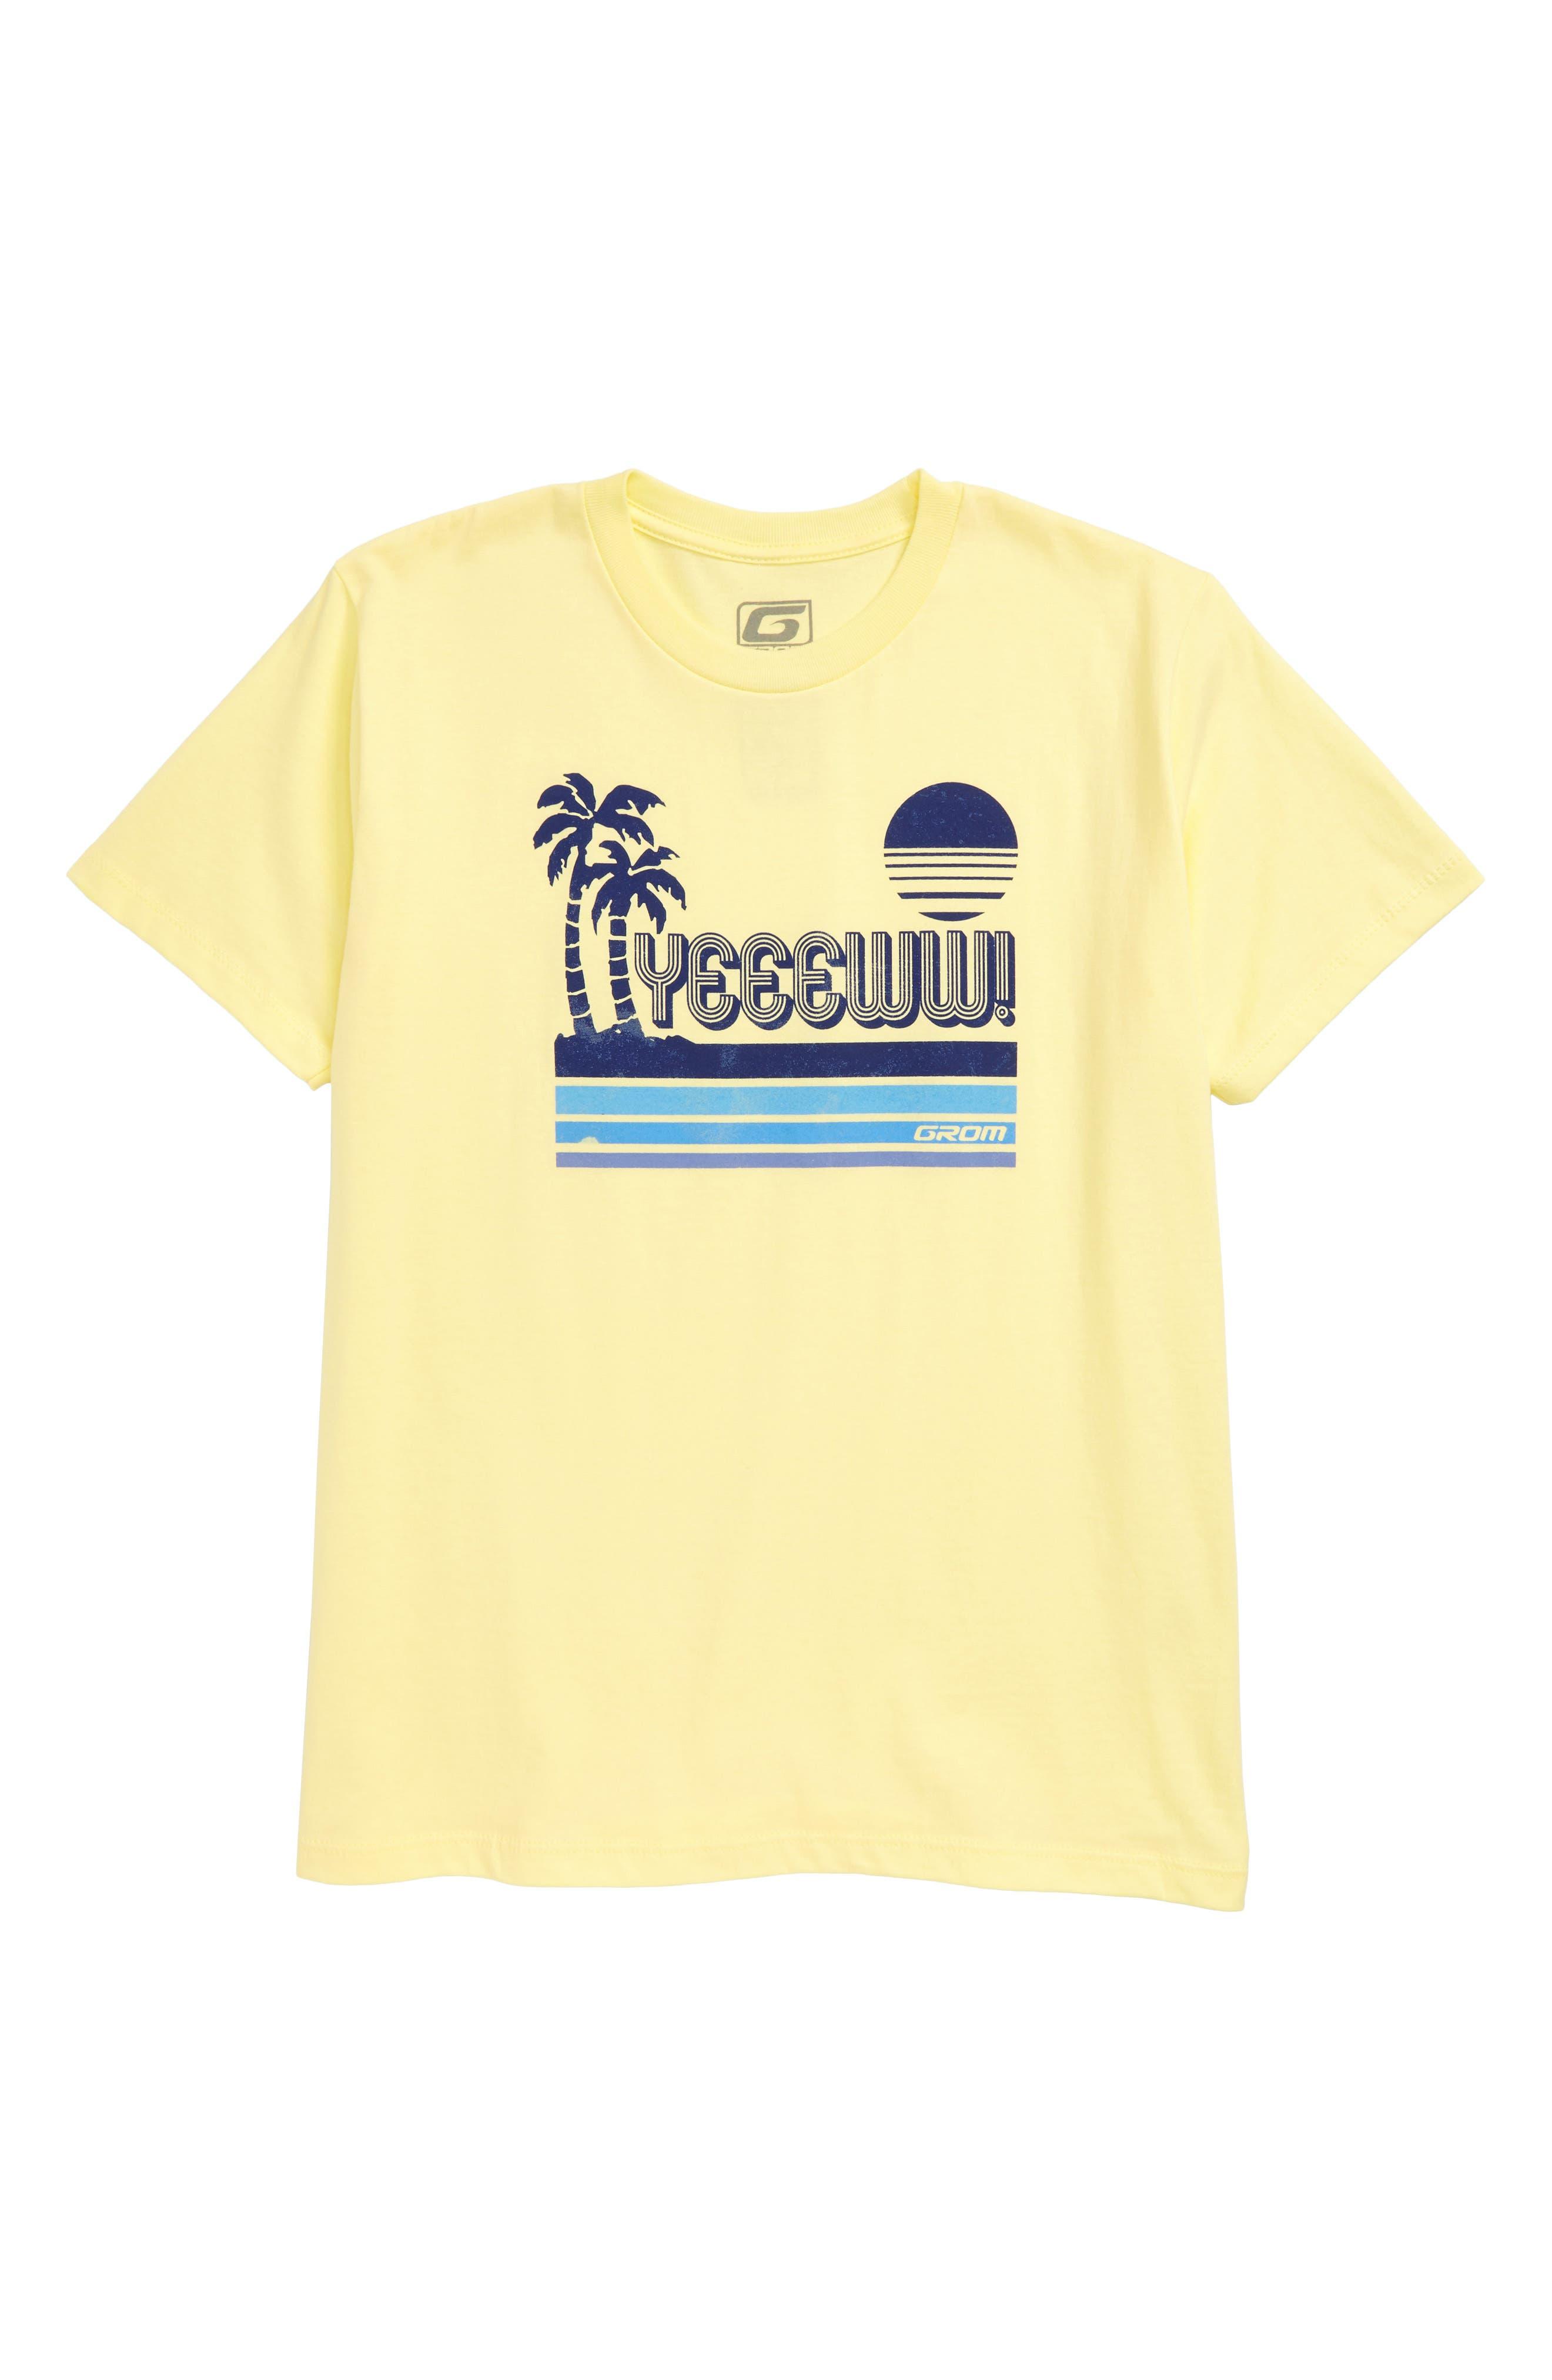 Boys Grom Yeeeww TShirt Size S (67)  Yellow